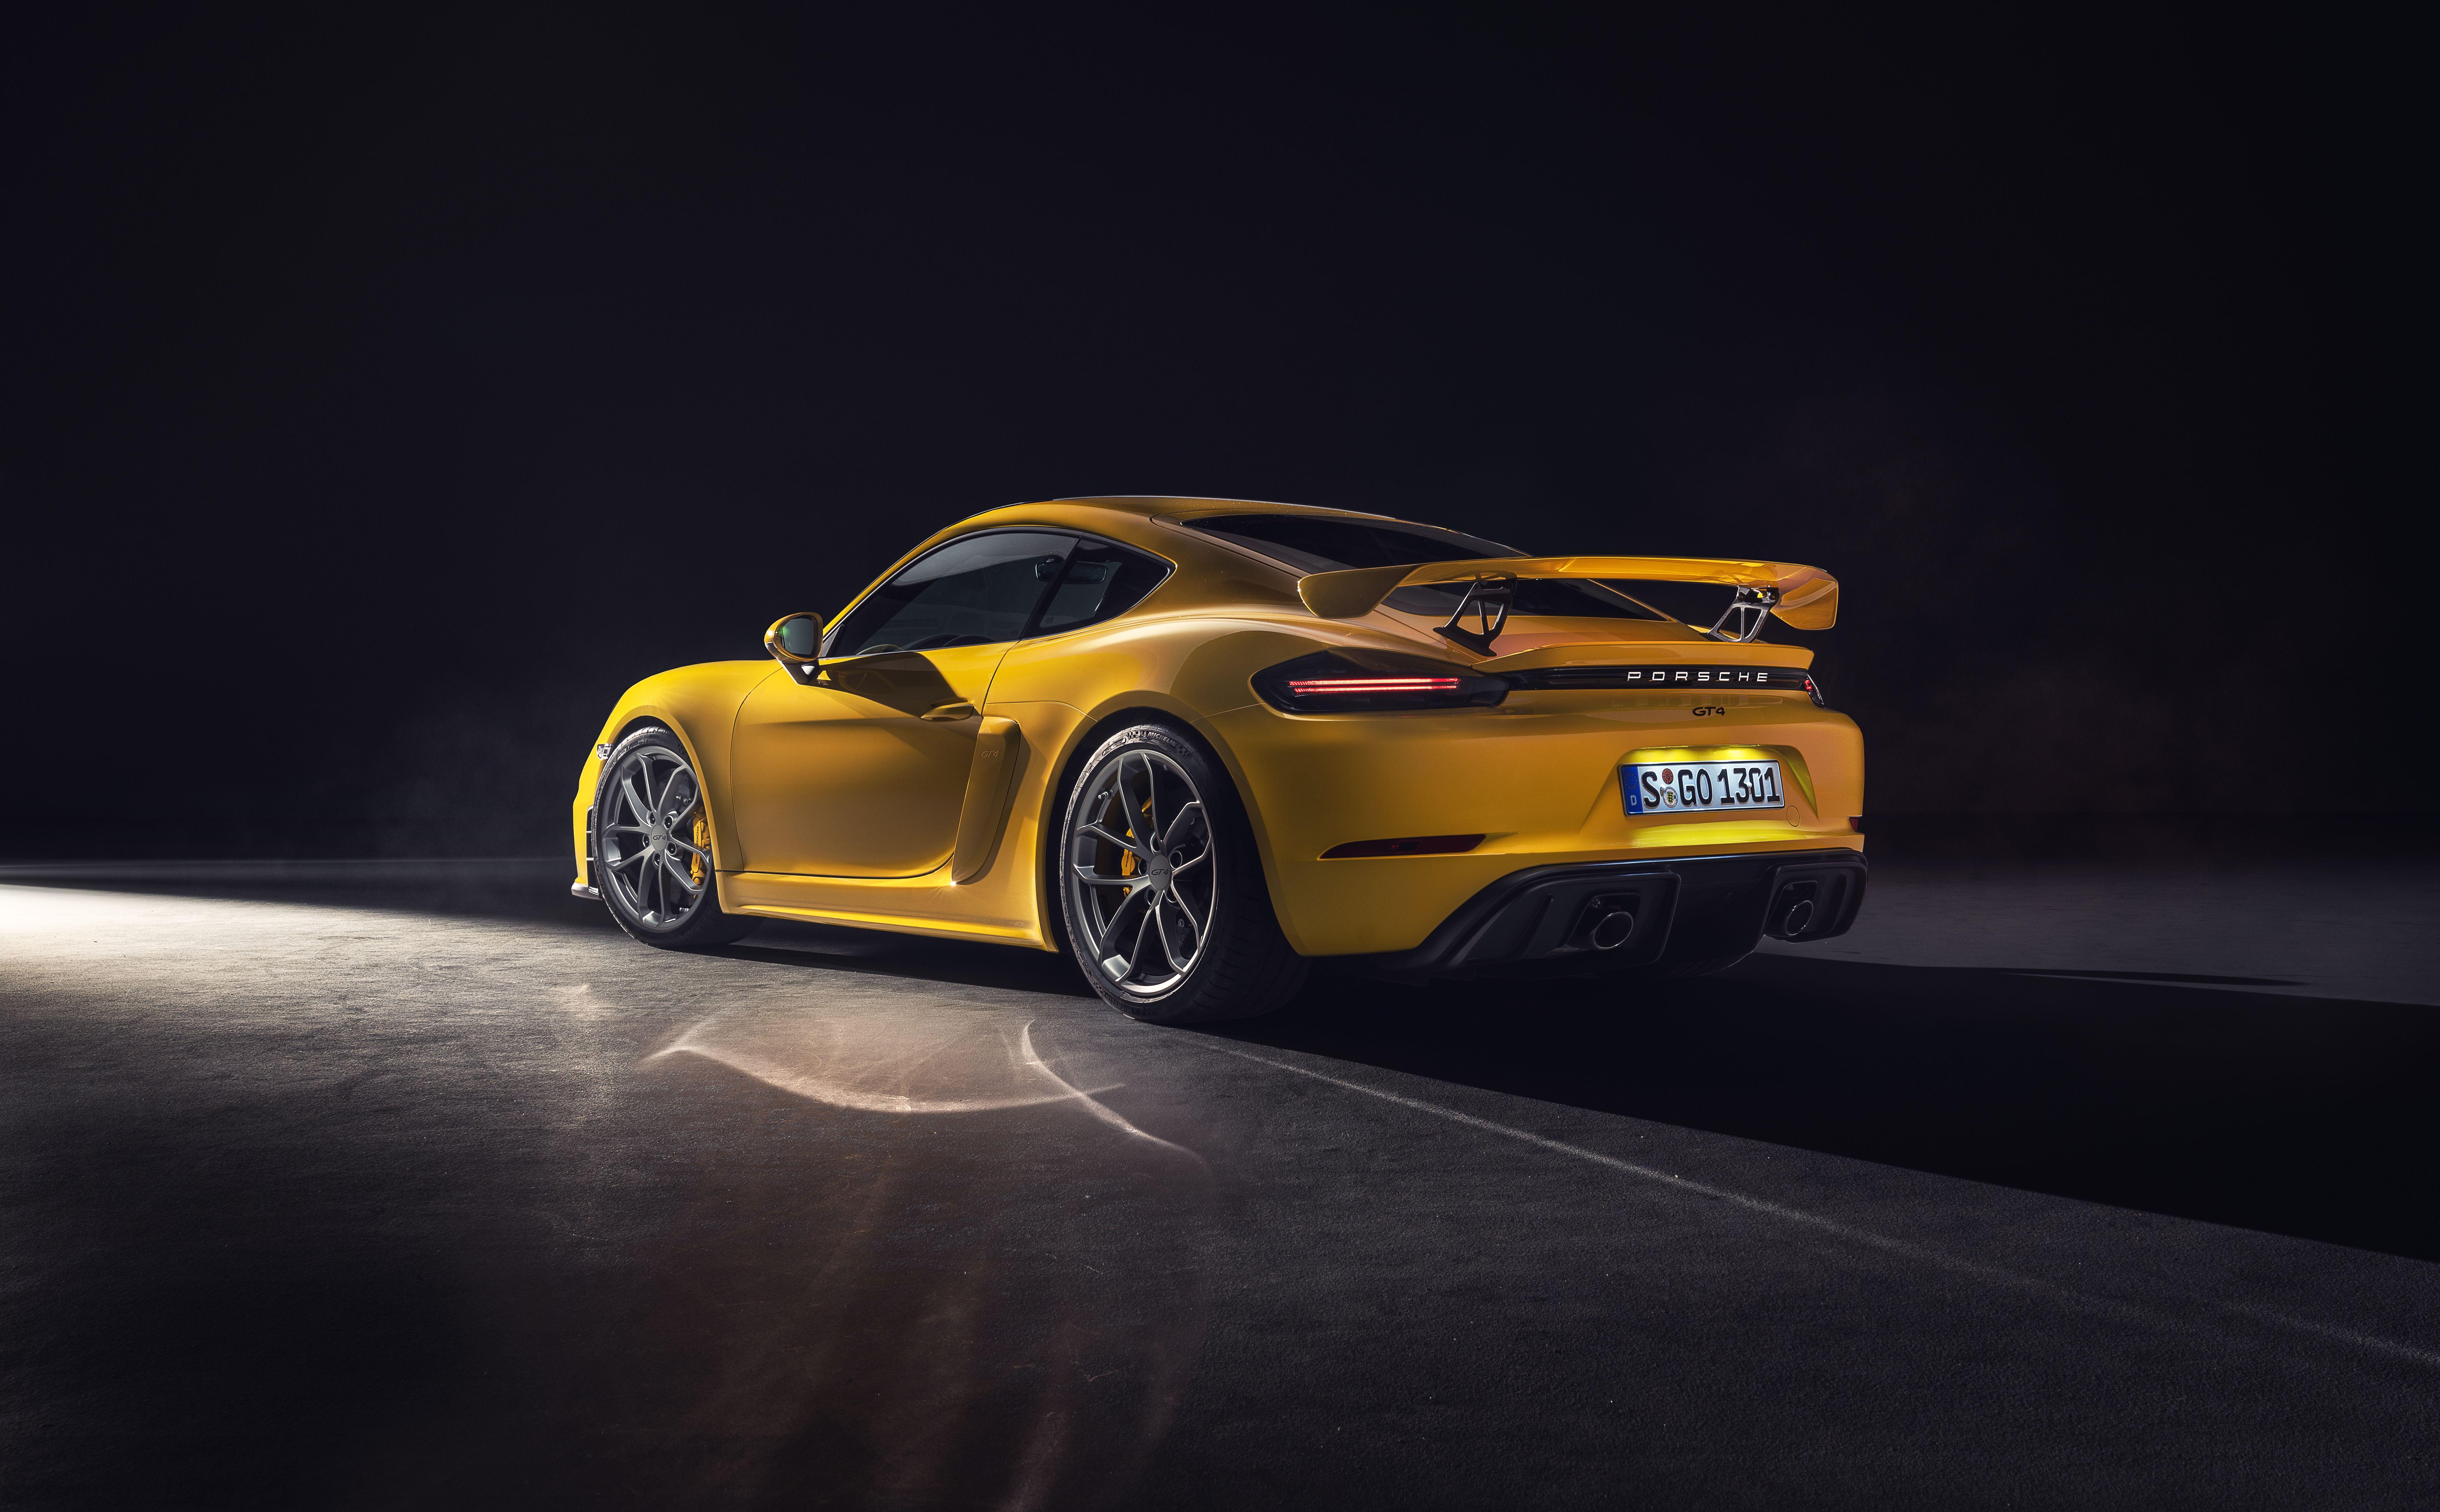 Wallpaper Of The Day 2020 Porsche 718 Cayman Gt4 Top Speed Porsche 718 Cayman Cayman Gt4 New Porsche